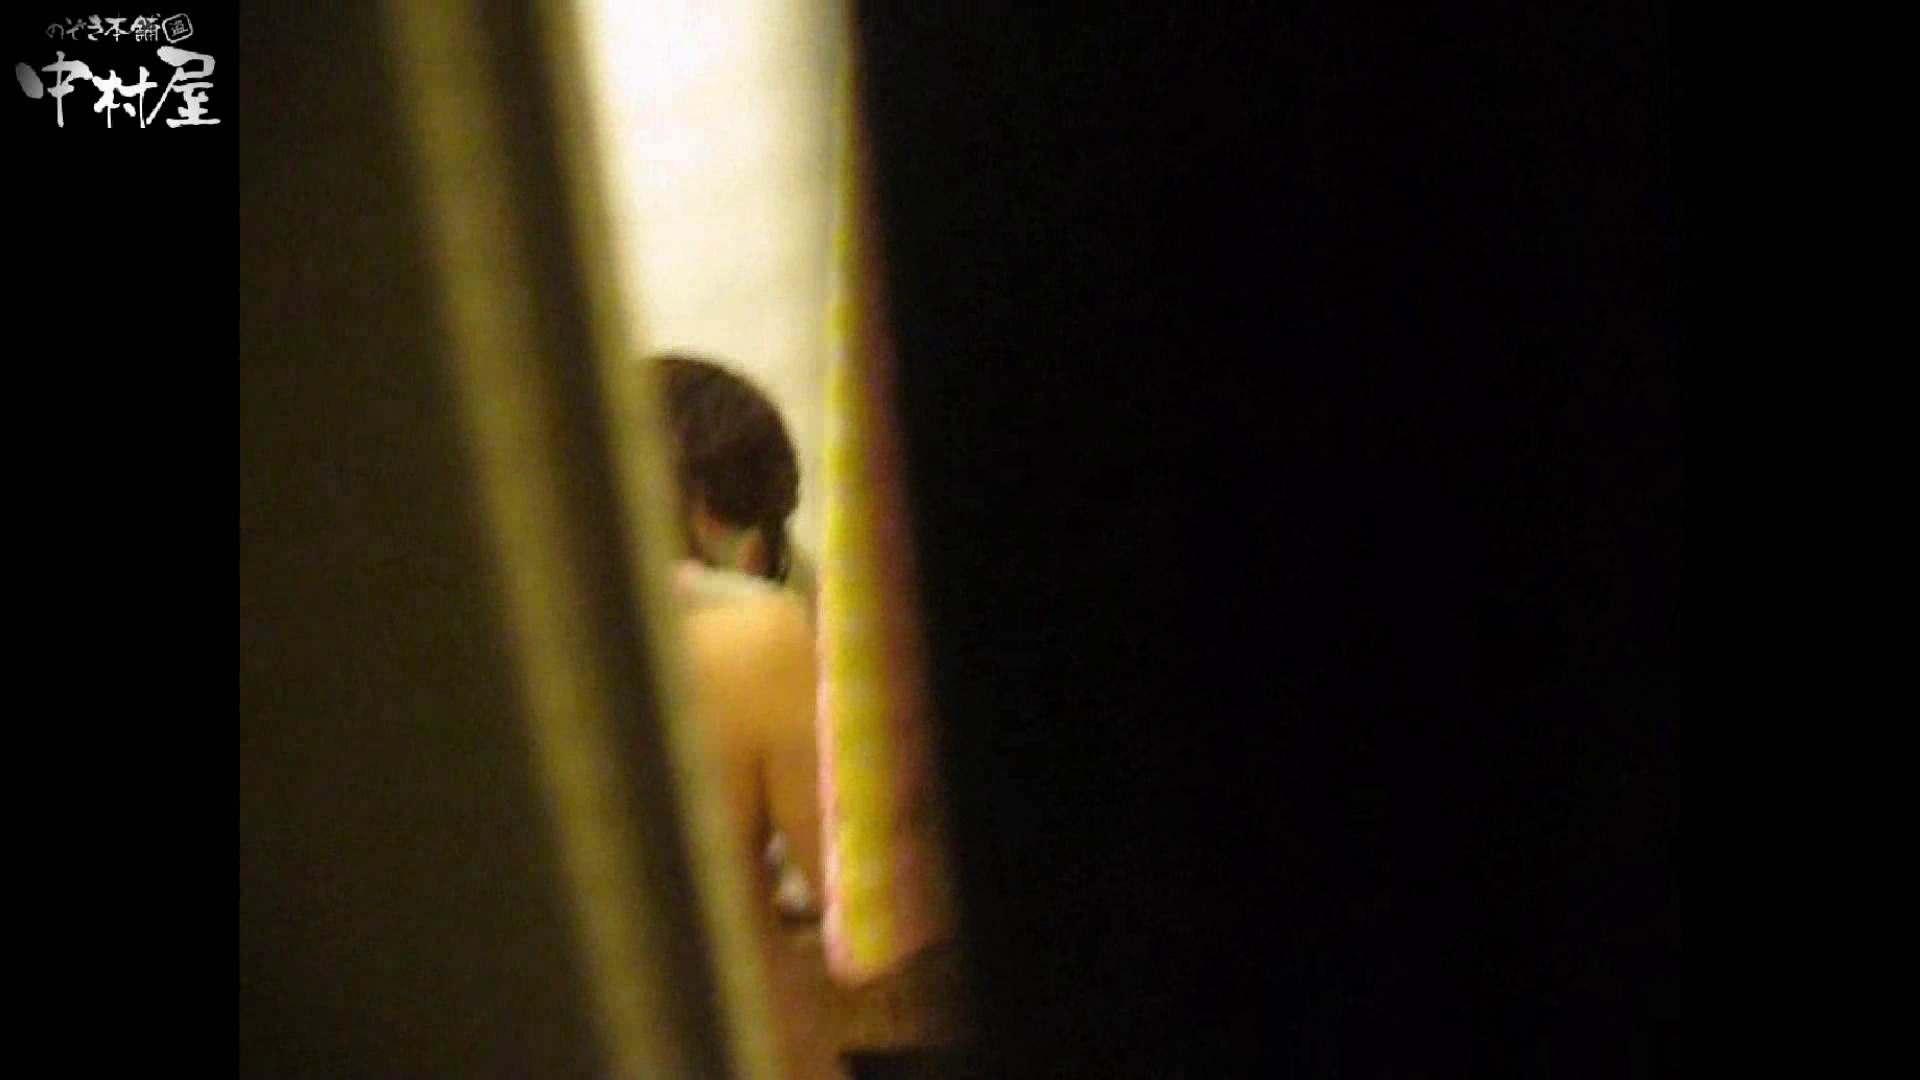 民家風呂専門盗撮師の超危険映像 vol.015 美女 | 美少女のエロ生活  107連発 13